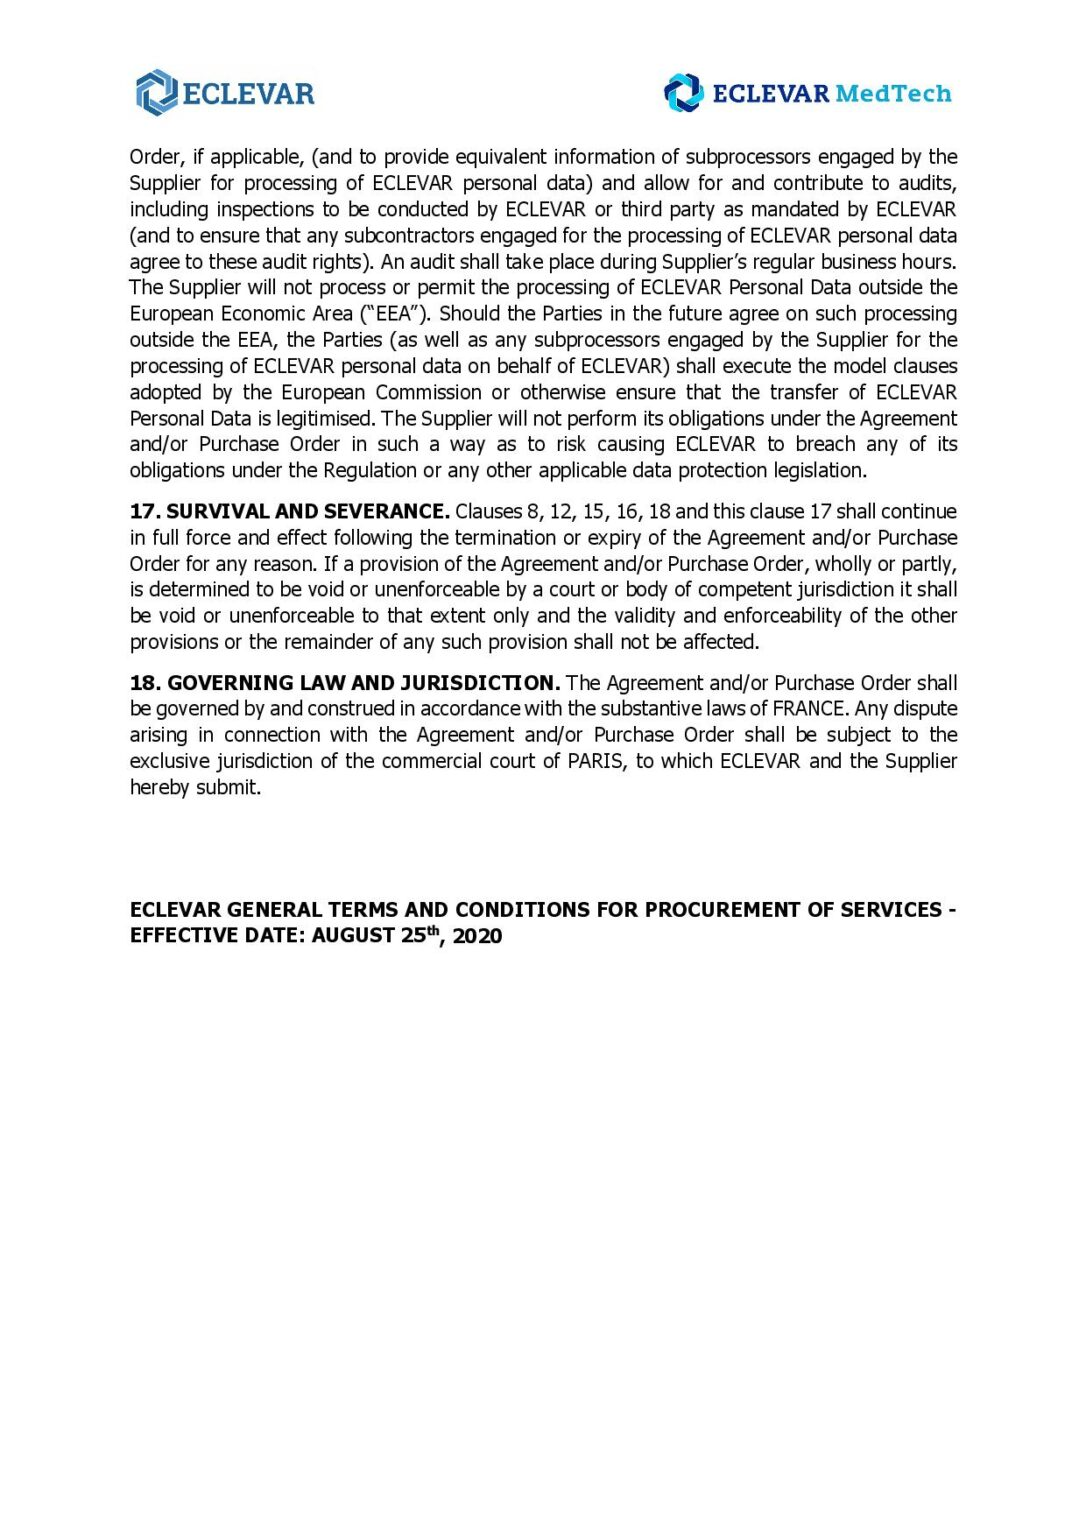 ECLEVAR PROCUREMENT OF SERVICES VAUG 2020_MedTech-page-008